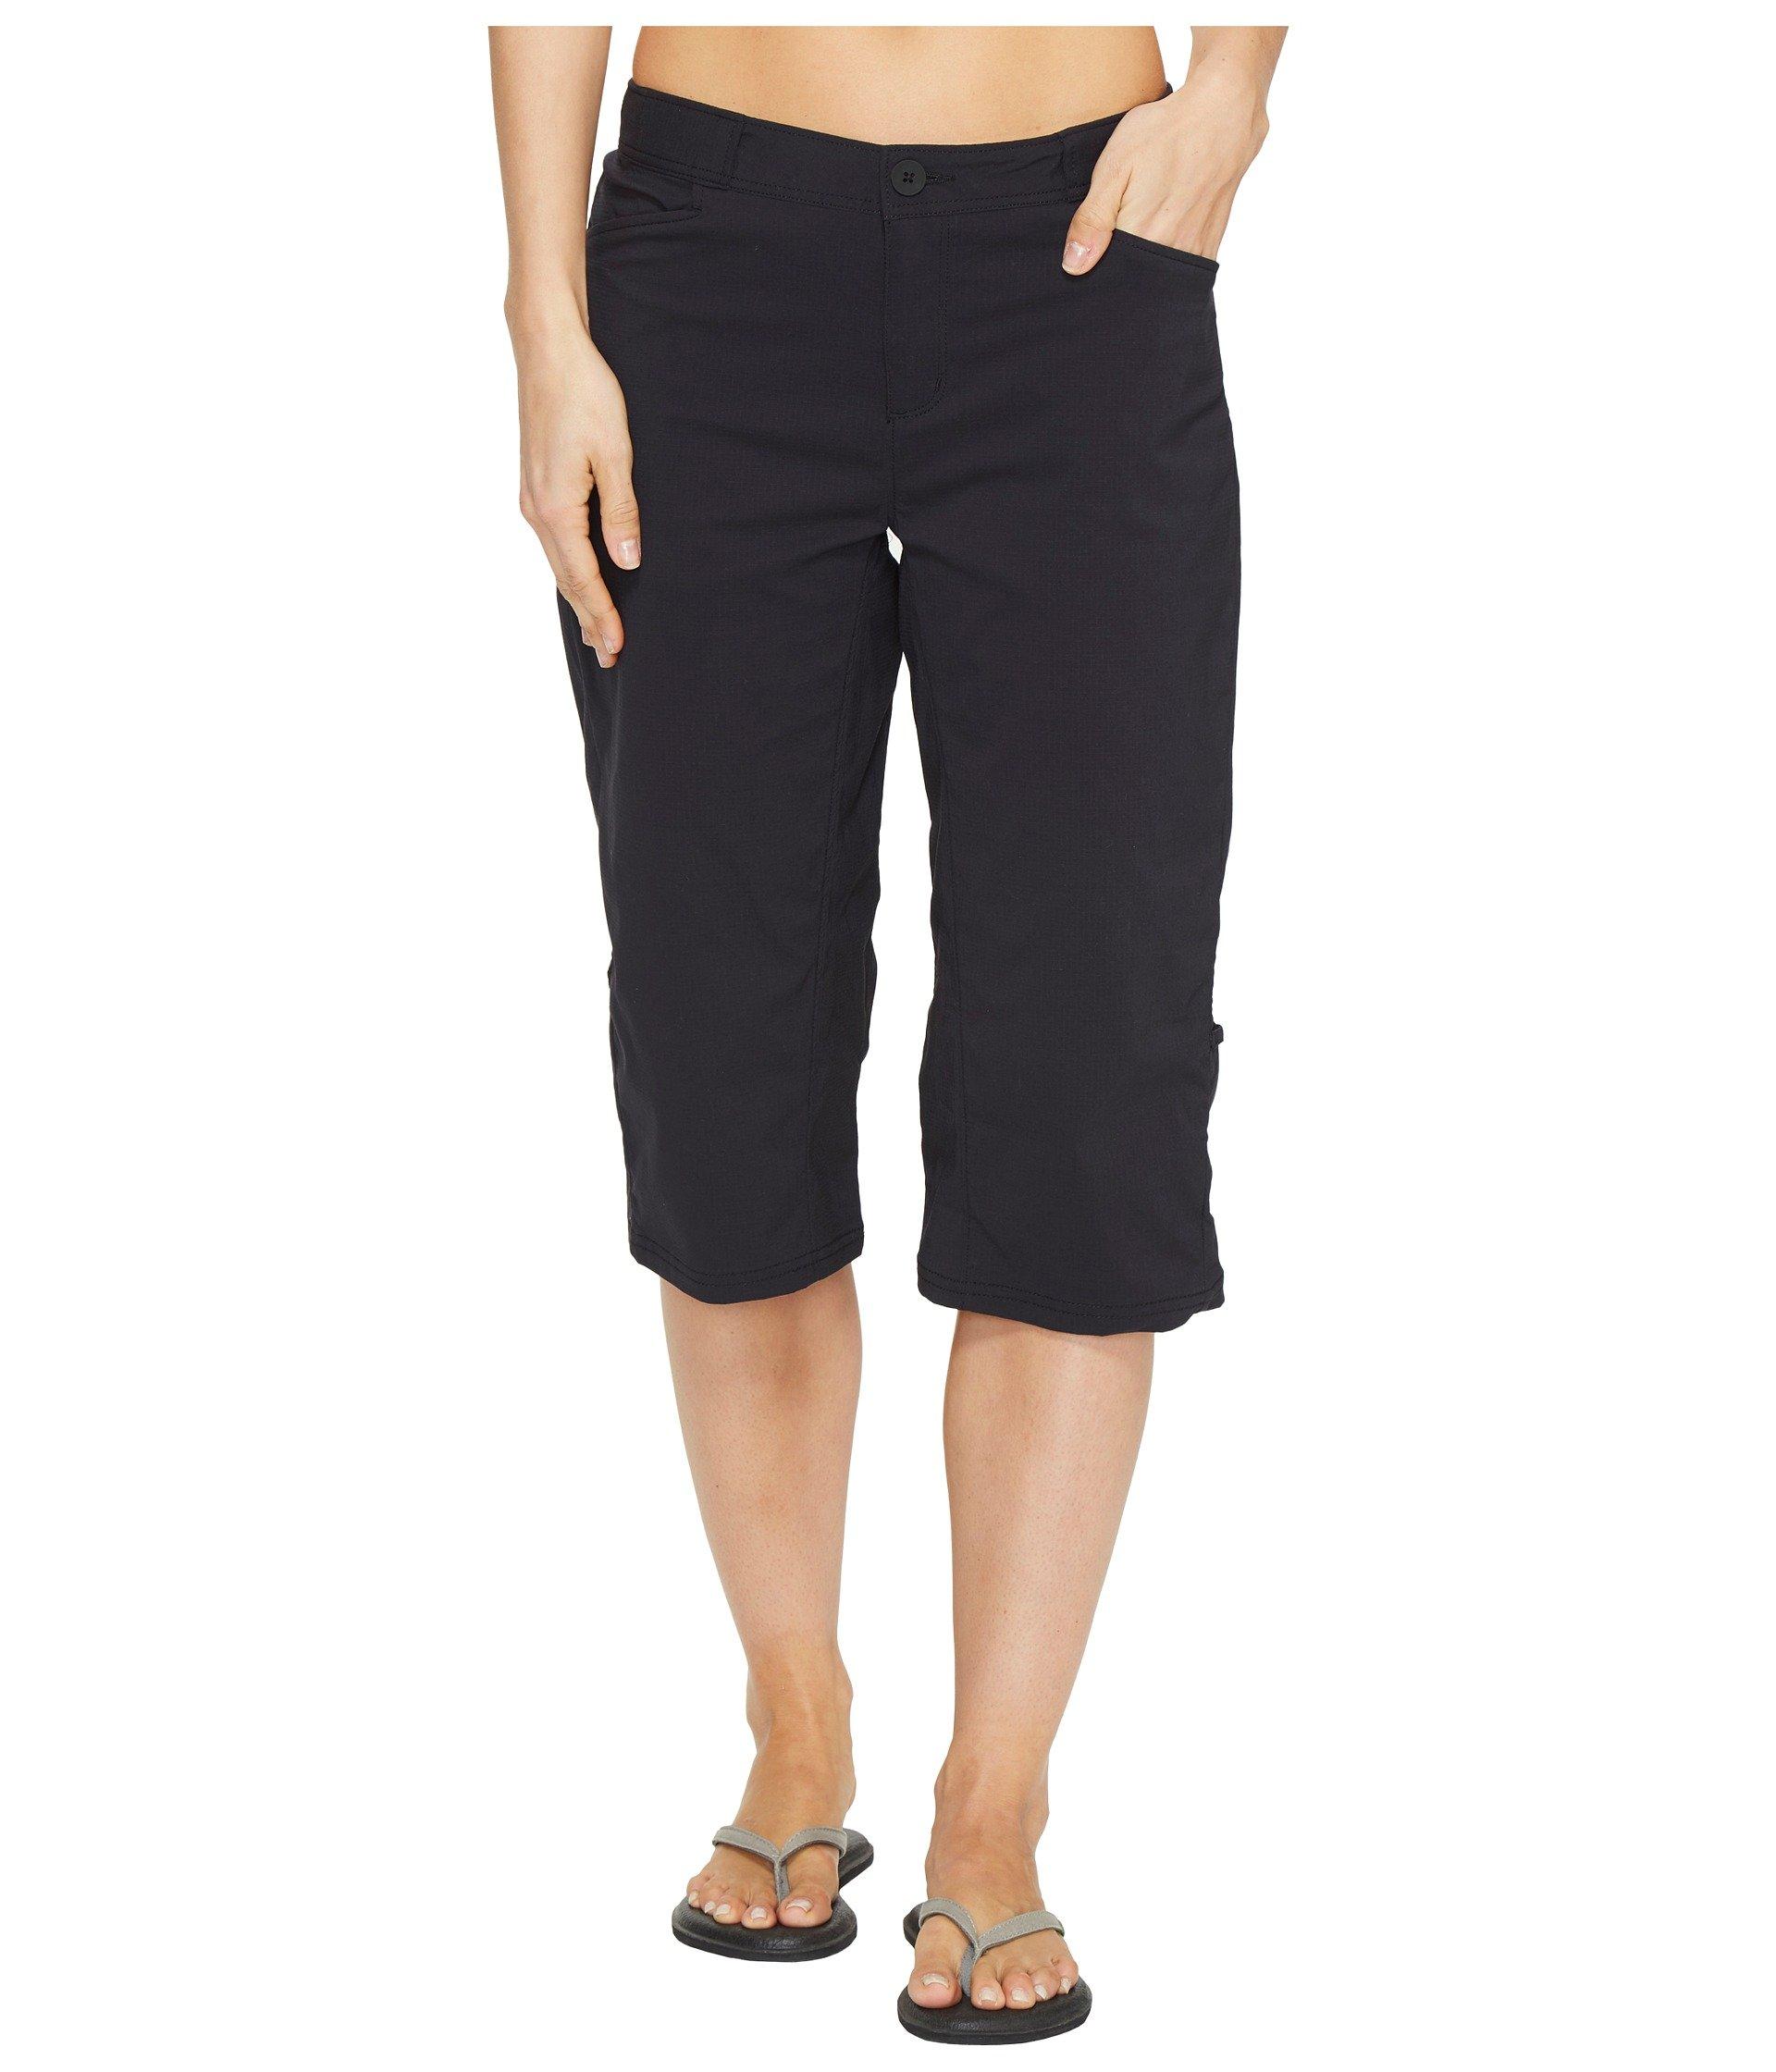 Pantalón para Mujer Woolrich Daring Trail Convertible Knee Pants  + Woolrich en VeoyCompro.net